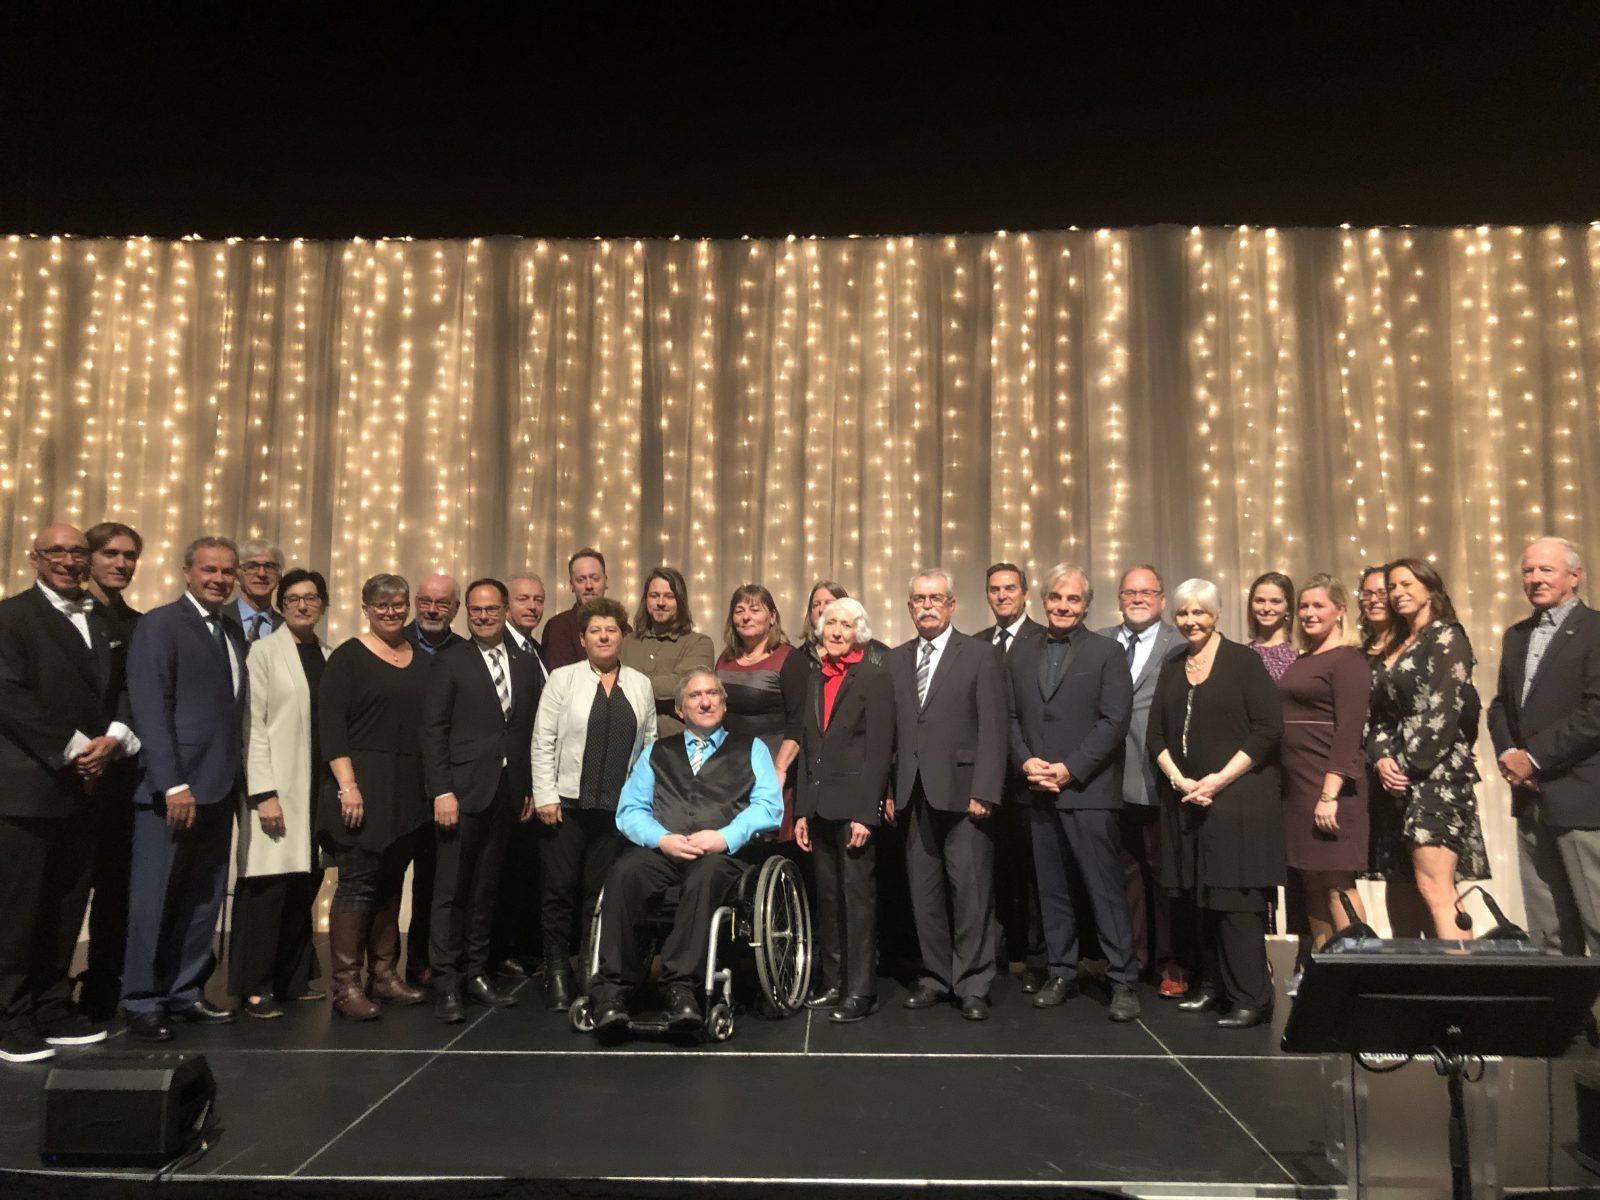 Des citoyens honorés de l'Ordre de Drummondville